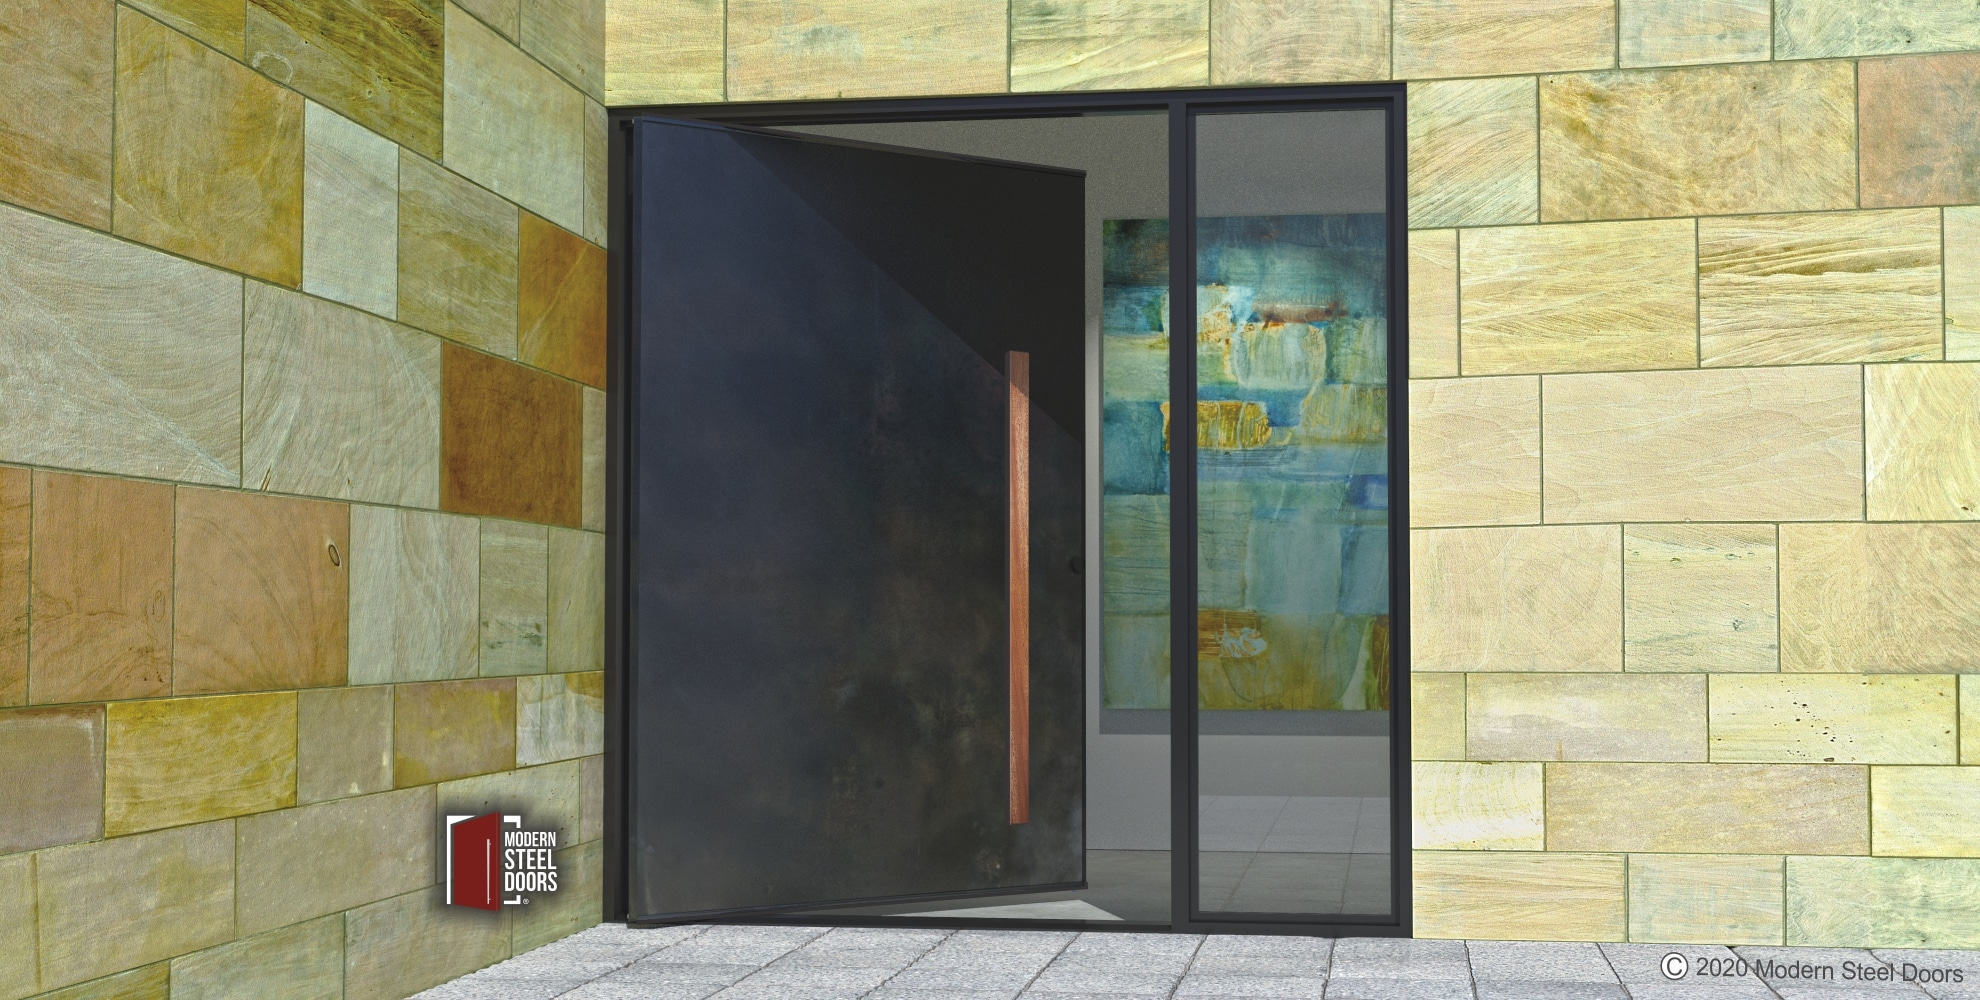 MODERN METAL DOOR WITH CUSTOM WOOD DOOR HANDLES